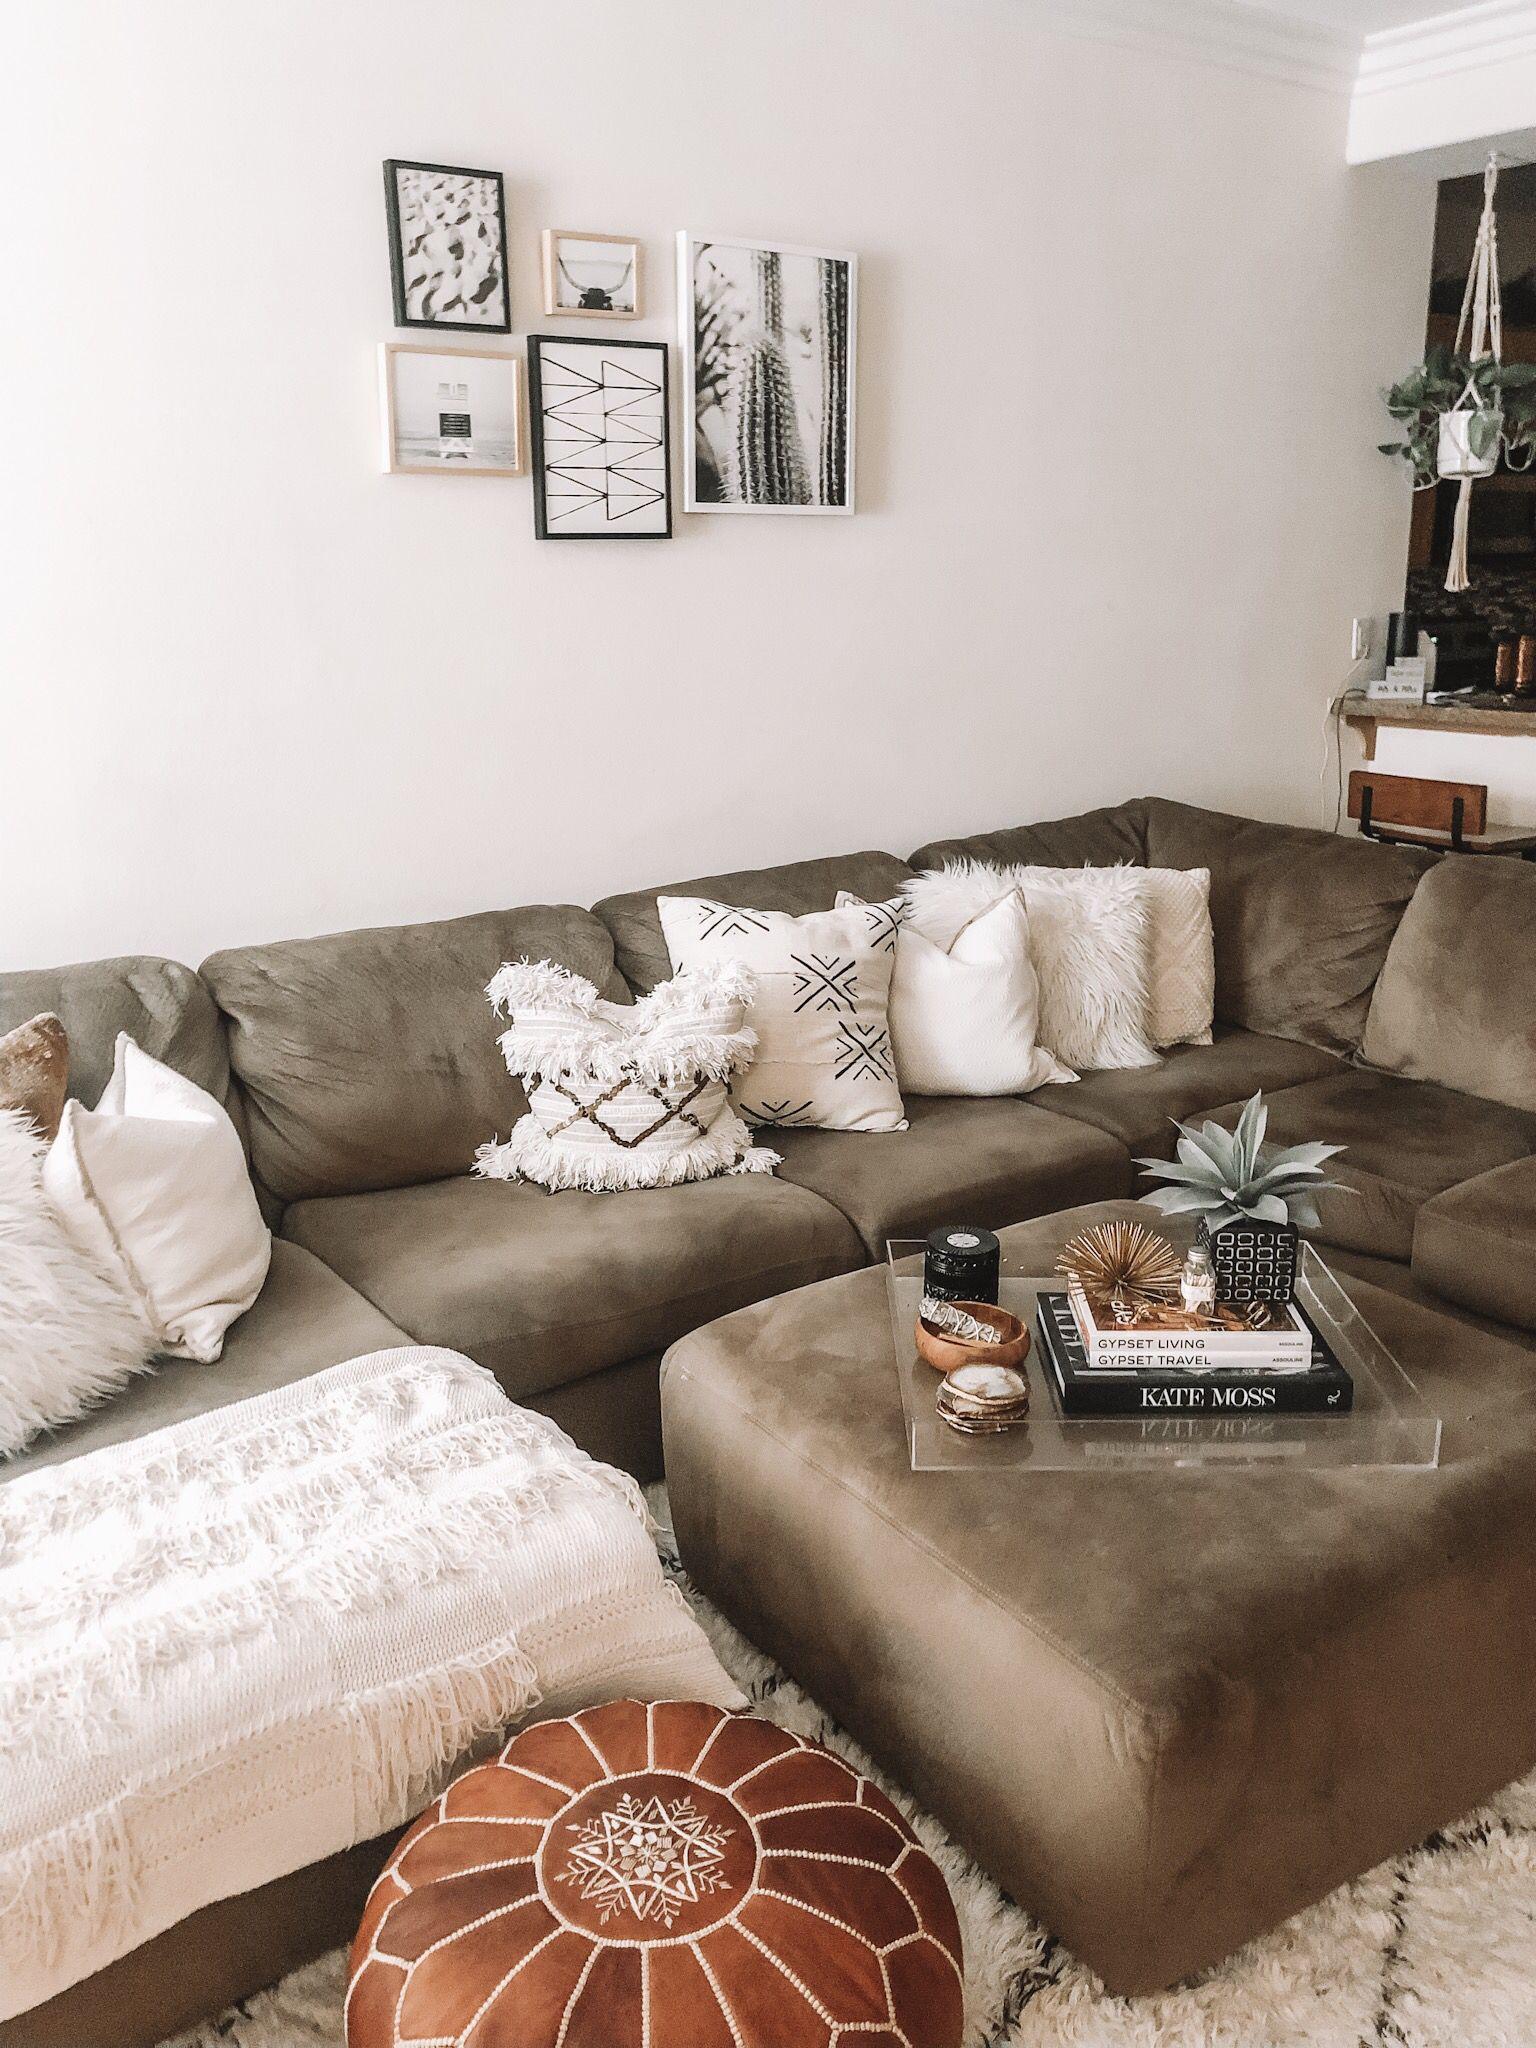 Boho living room | Living room decor inspiration, Boho ...